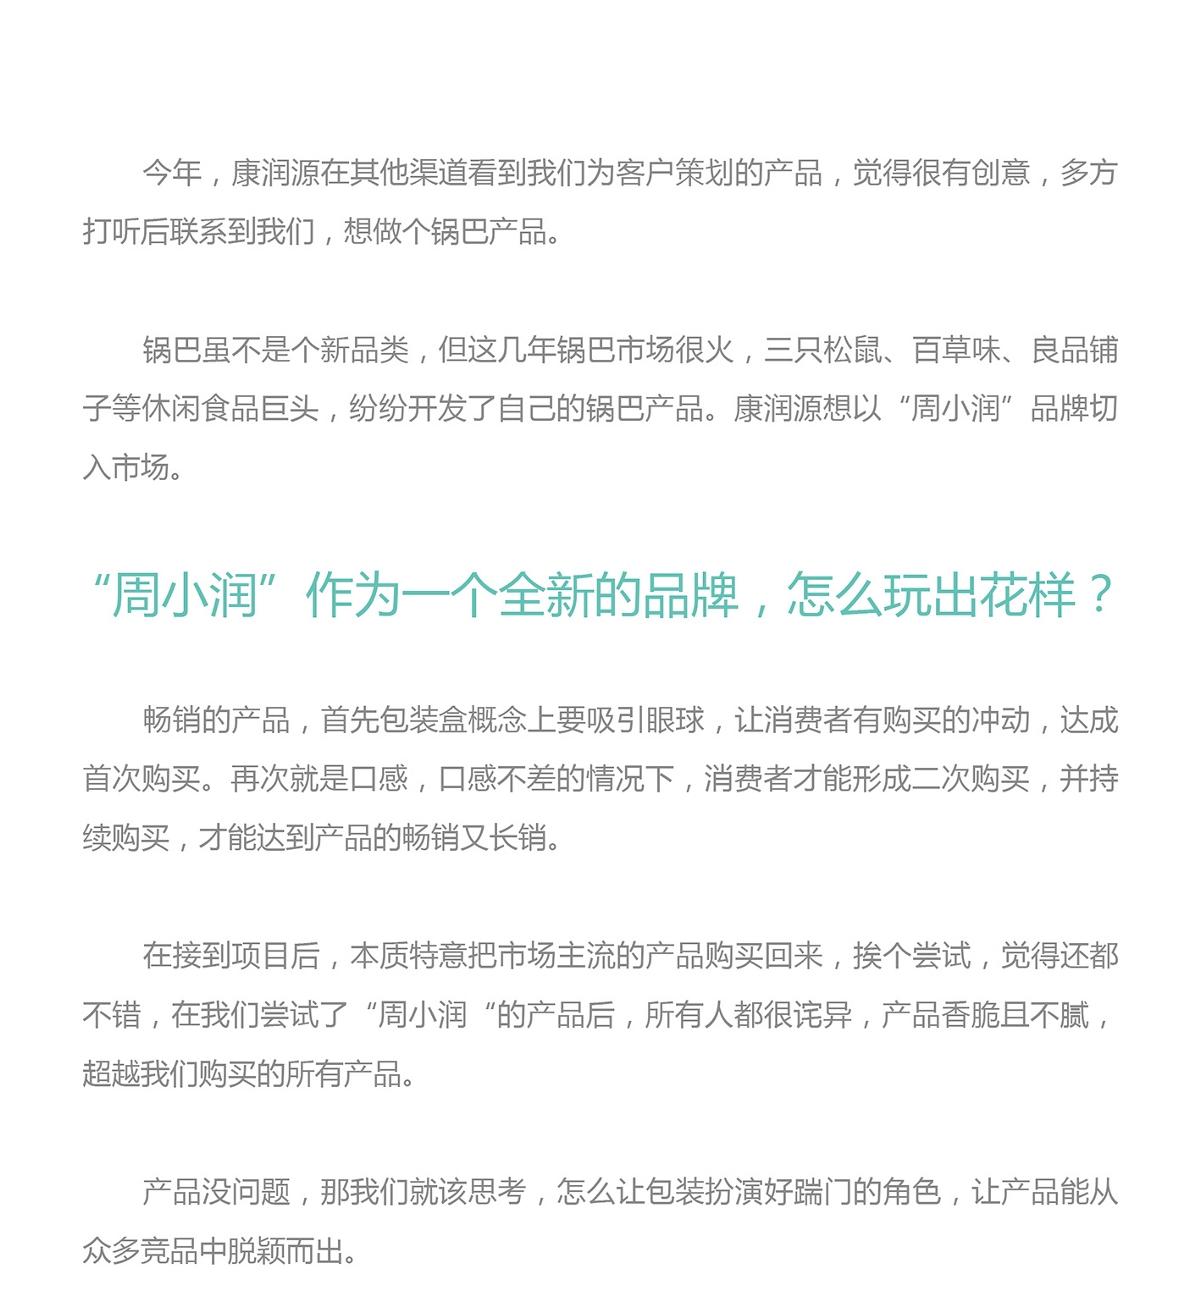 郑州本质品牌案例——【周小润】锅巴包装与策略